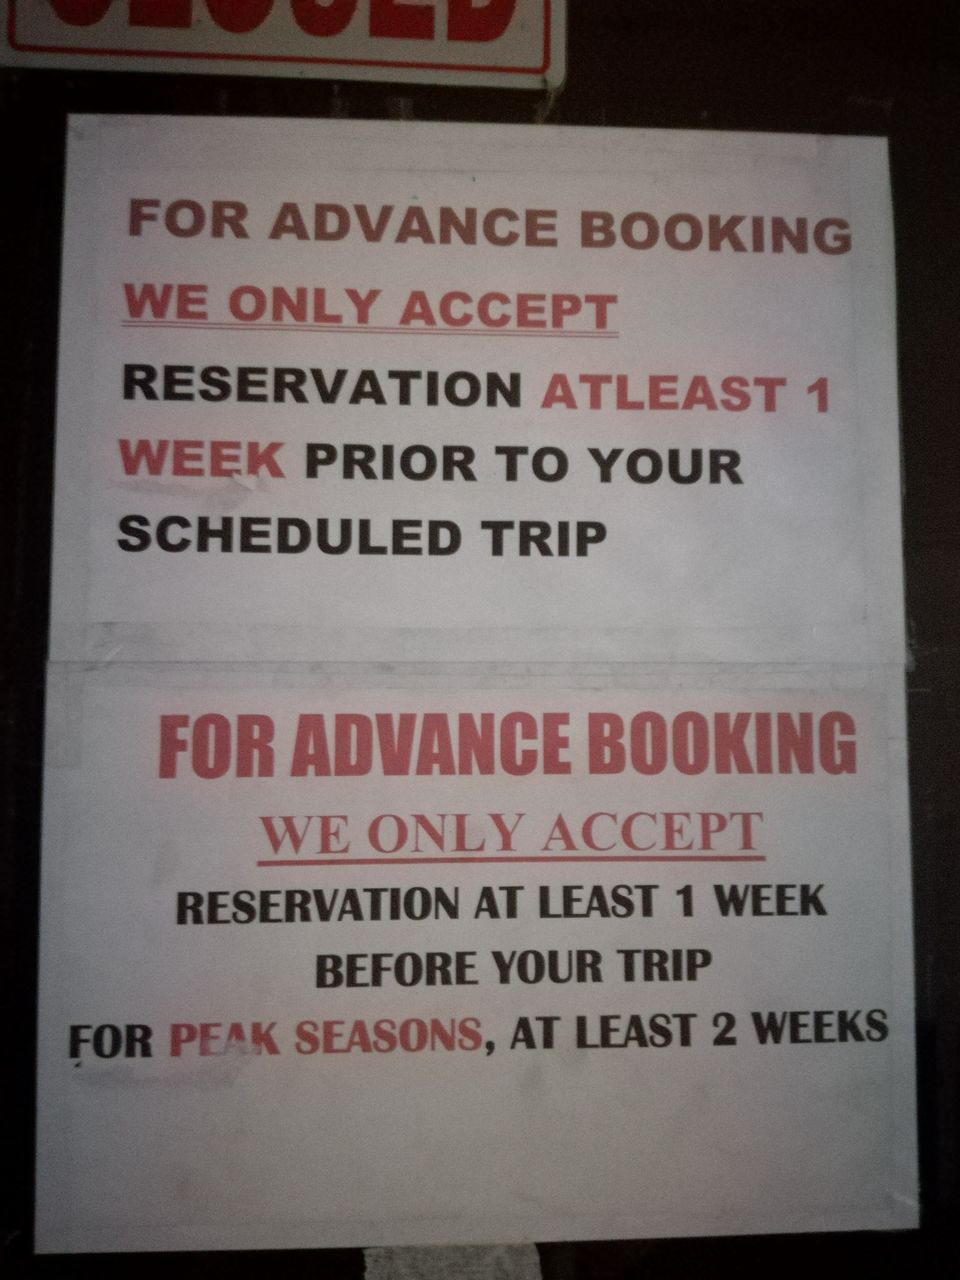 チケット予約の際の注意事項